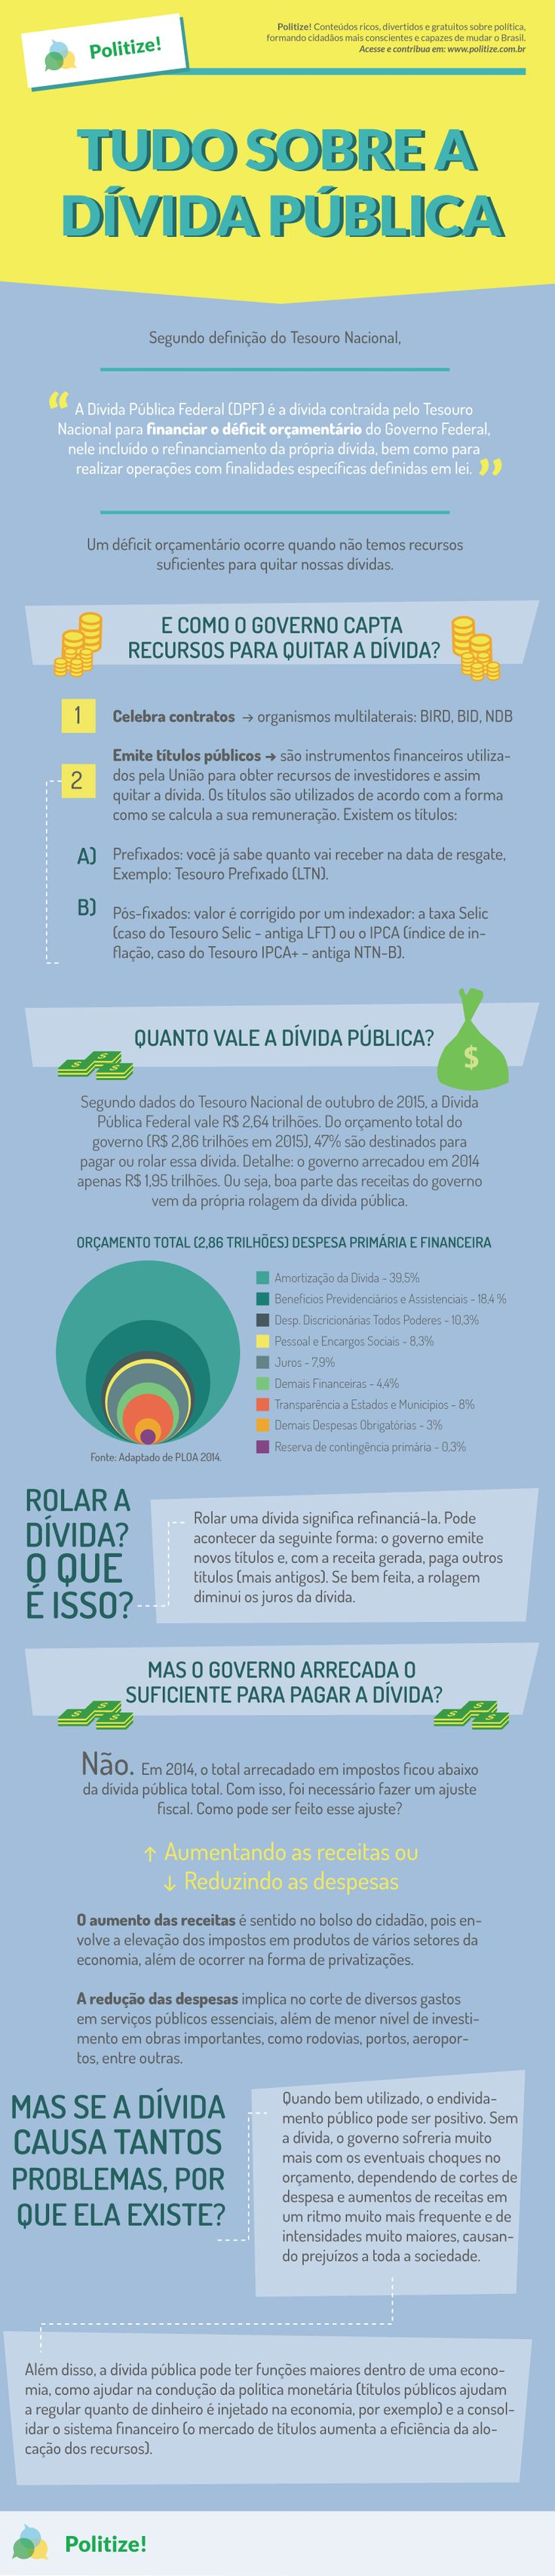 dívida-pública-infográfico